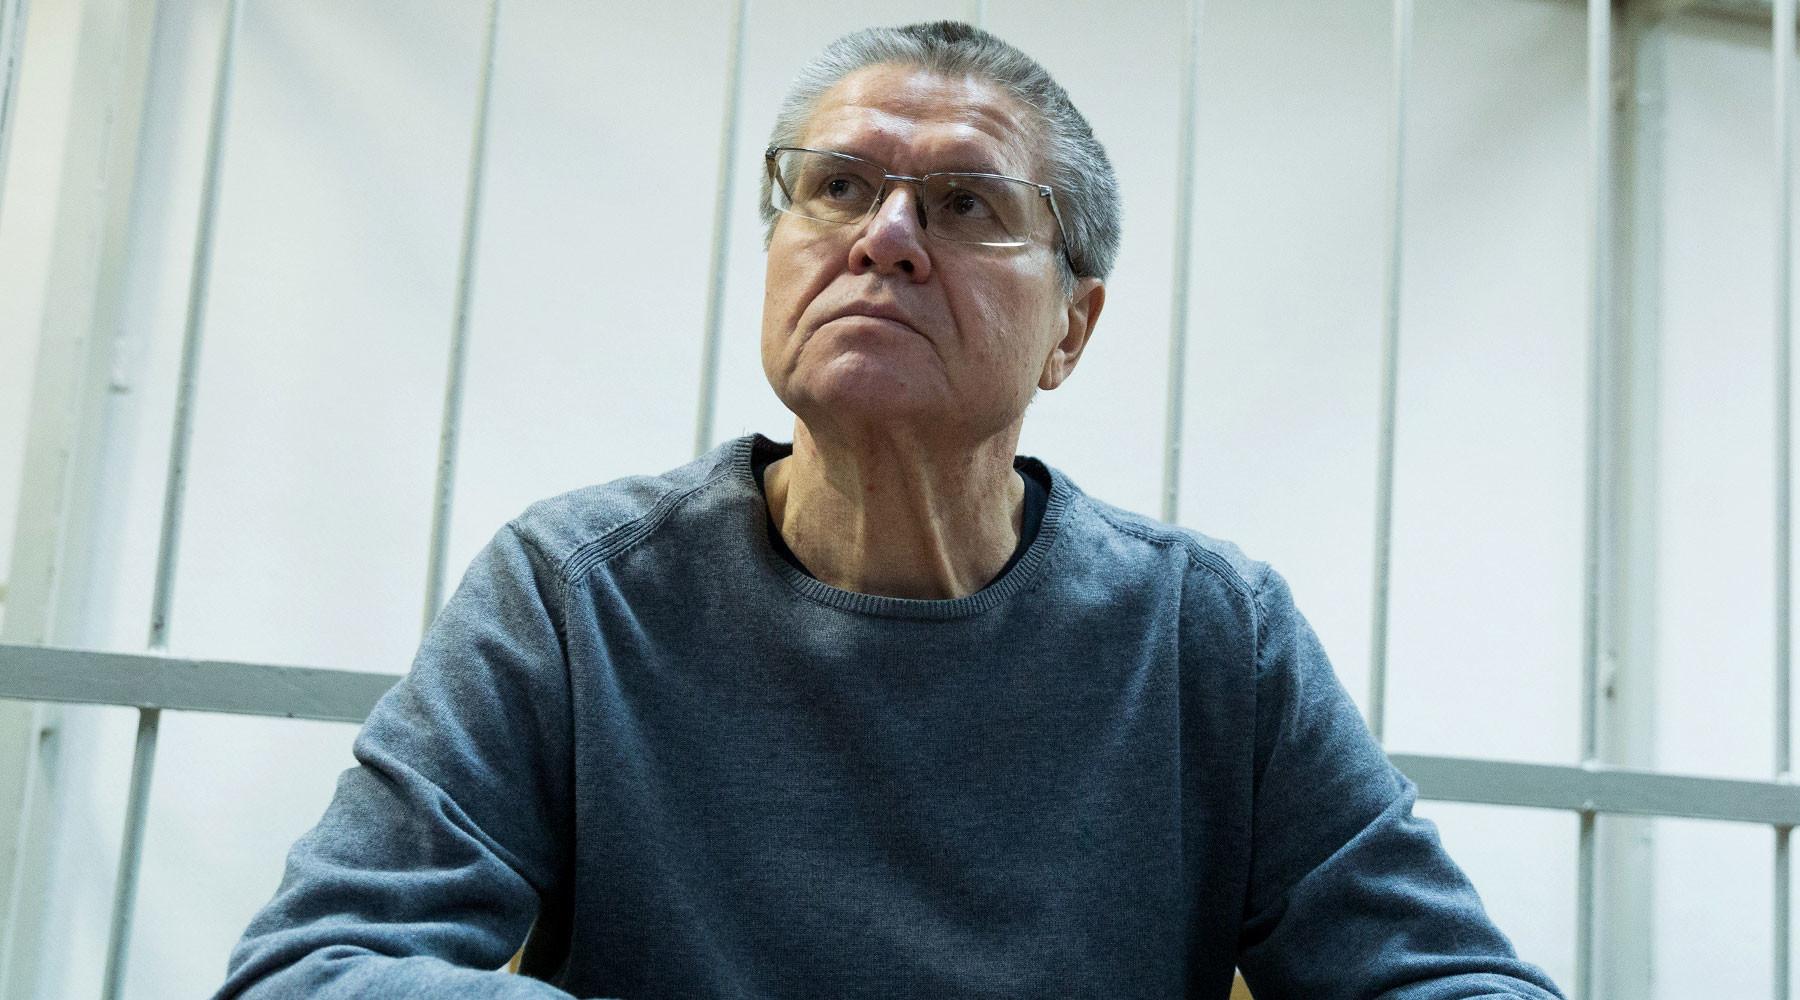 Наглядное доказательство: в суде представили видеозапись передачи взятки Улюкаеву